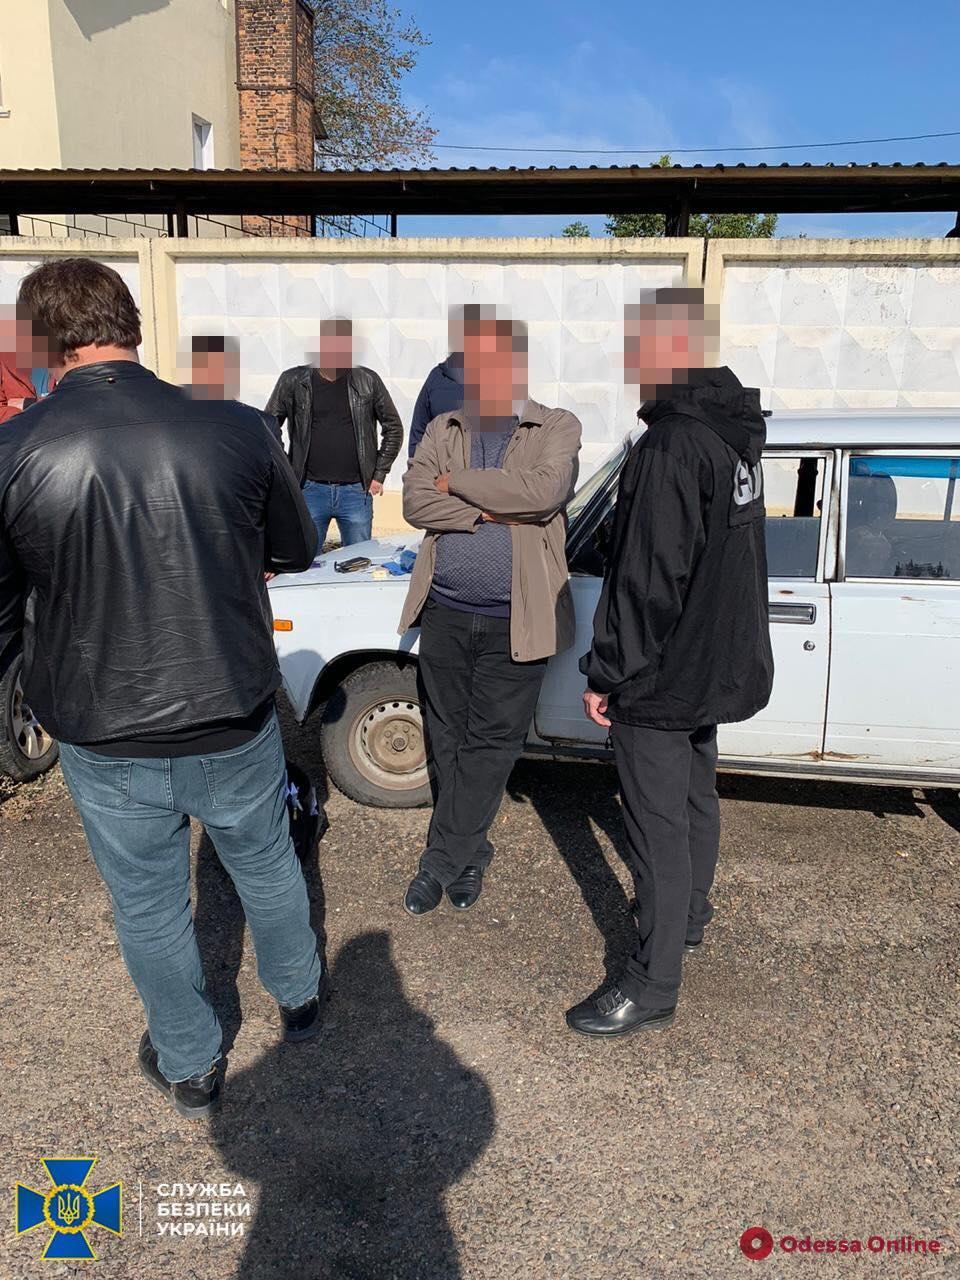 Попался на подкупе члена избирательной комиссии: подольского депутата отправили под домашний арест